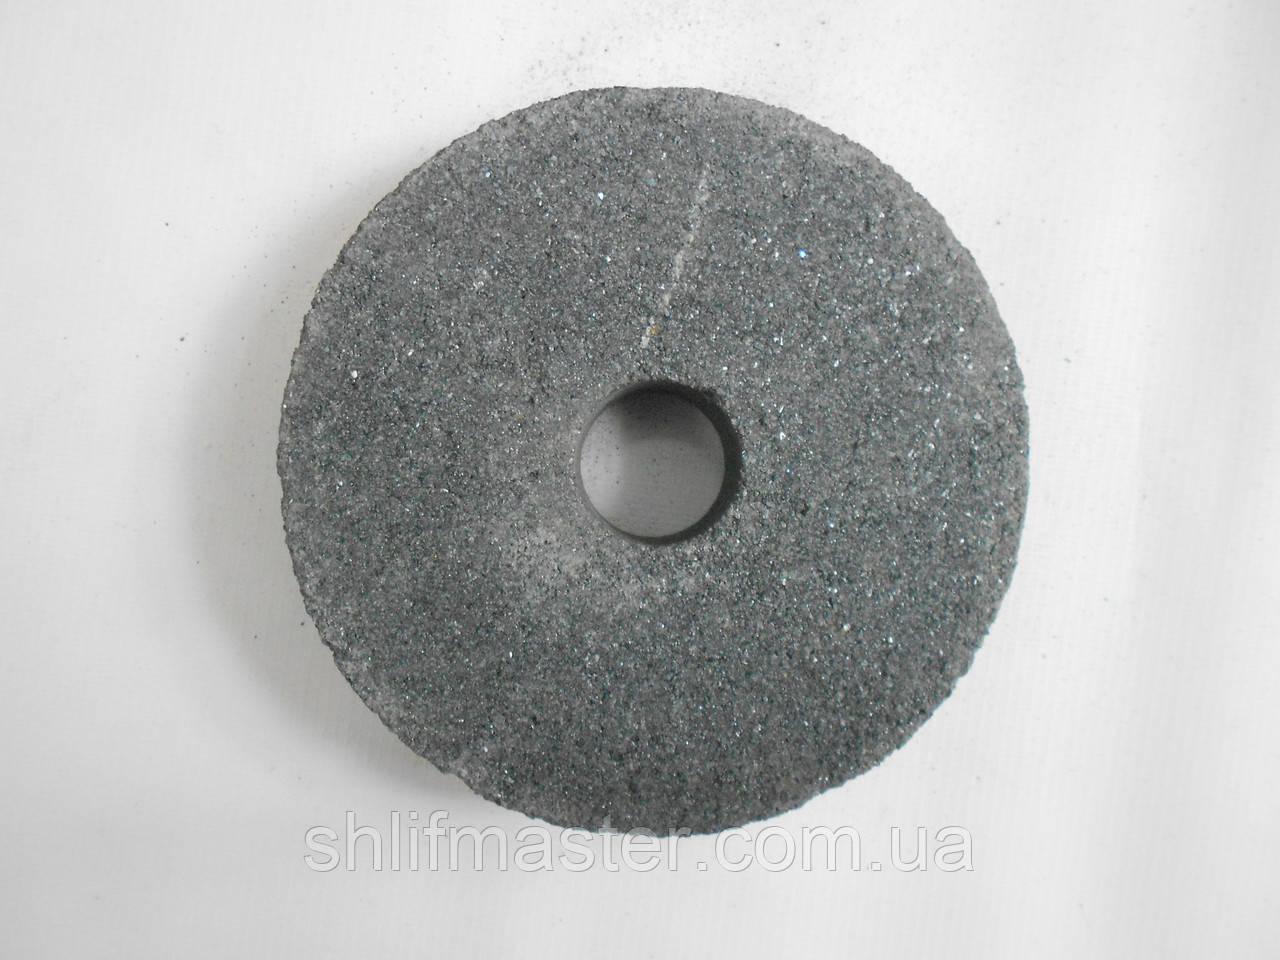 Круг абразивный из карбида кремния черного 54С ПП 125х32х32 80 ВТ